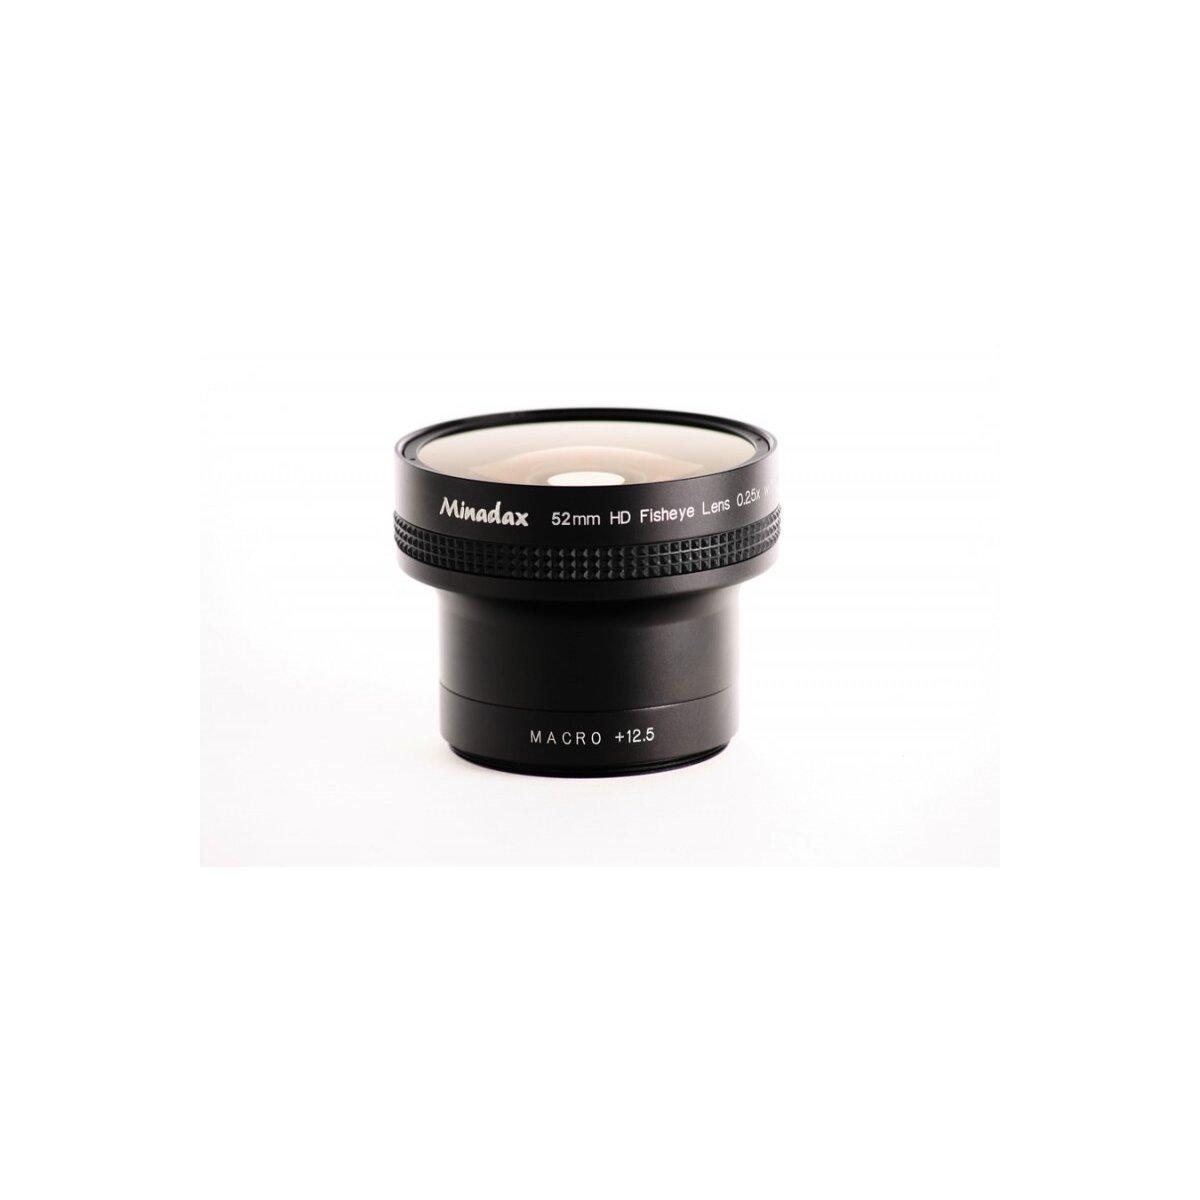 Minadax 0.25x Fisheye Vorsatz kompatibel mit Nikon Coolpix 5400 - in schwarz